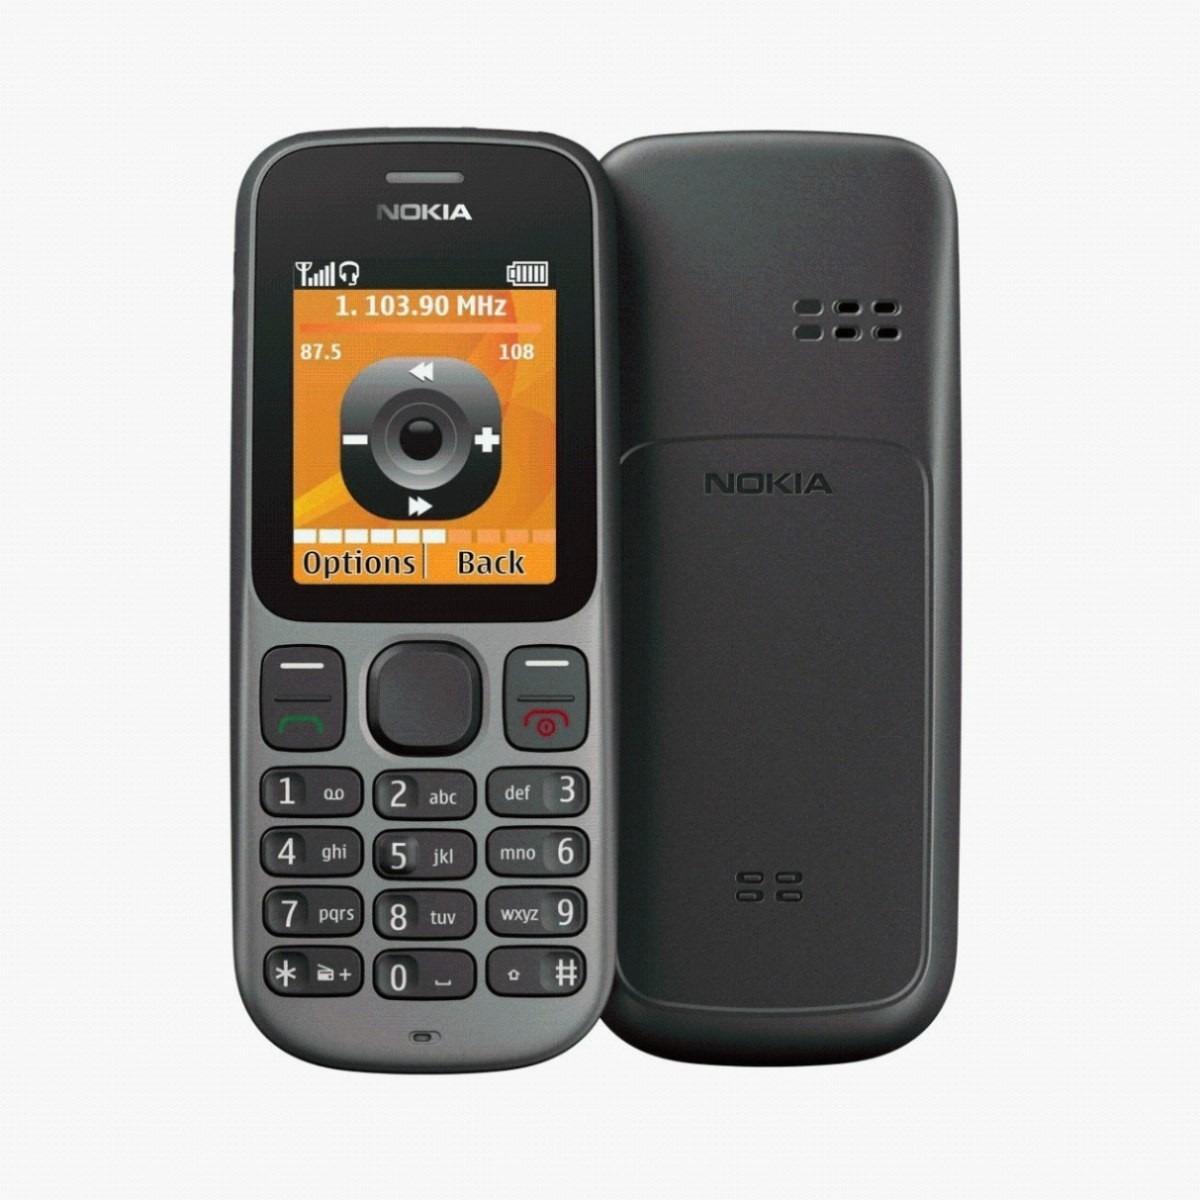 điện thoại nokia chính hãng n100 100 cũ